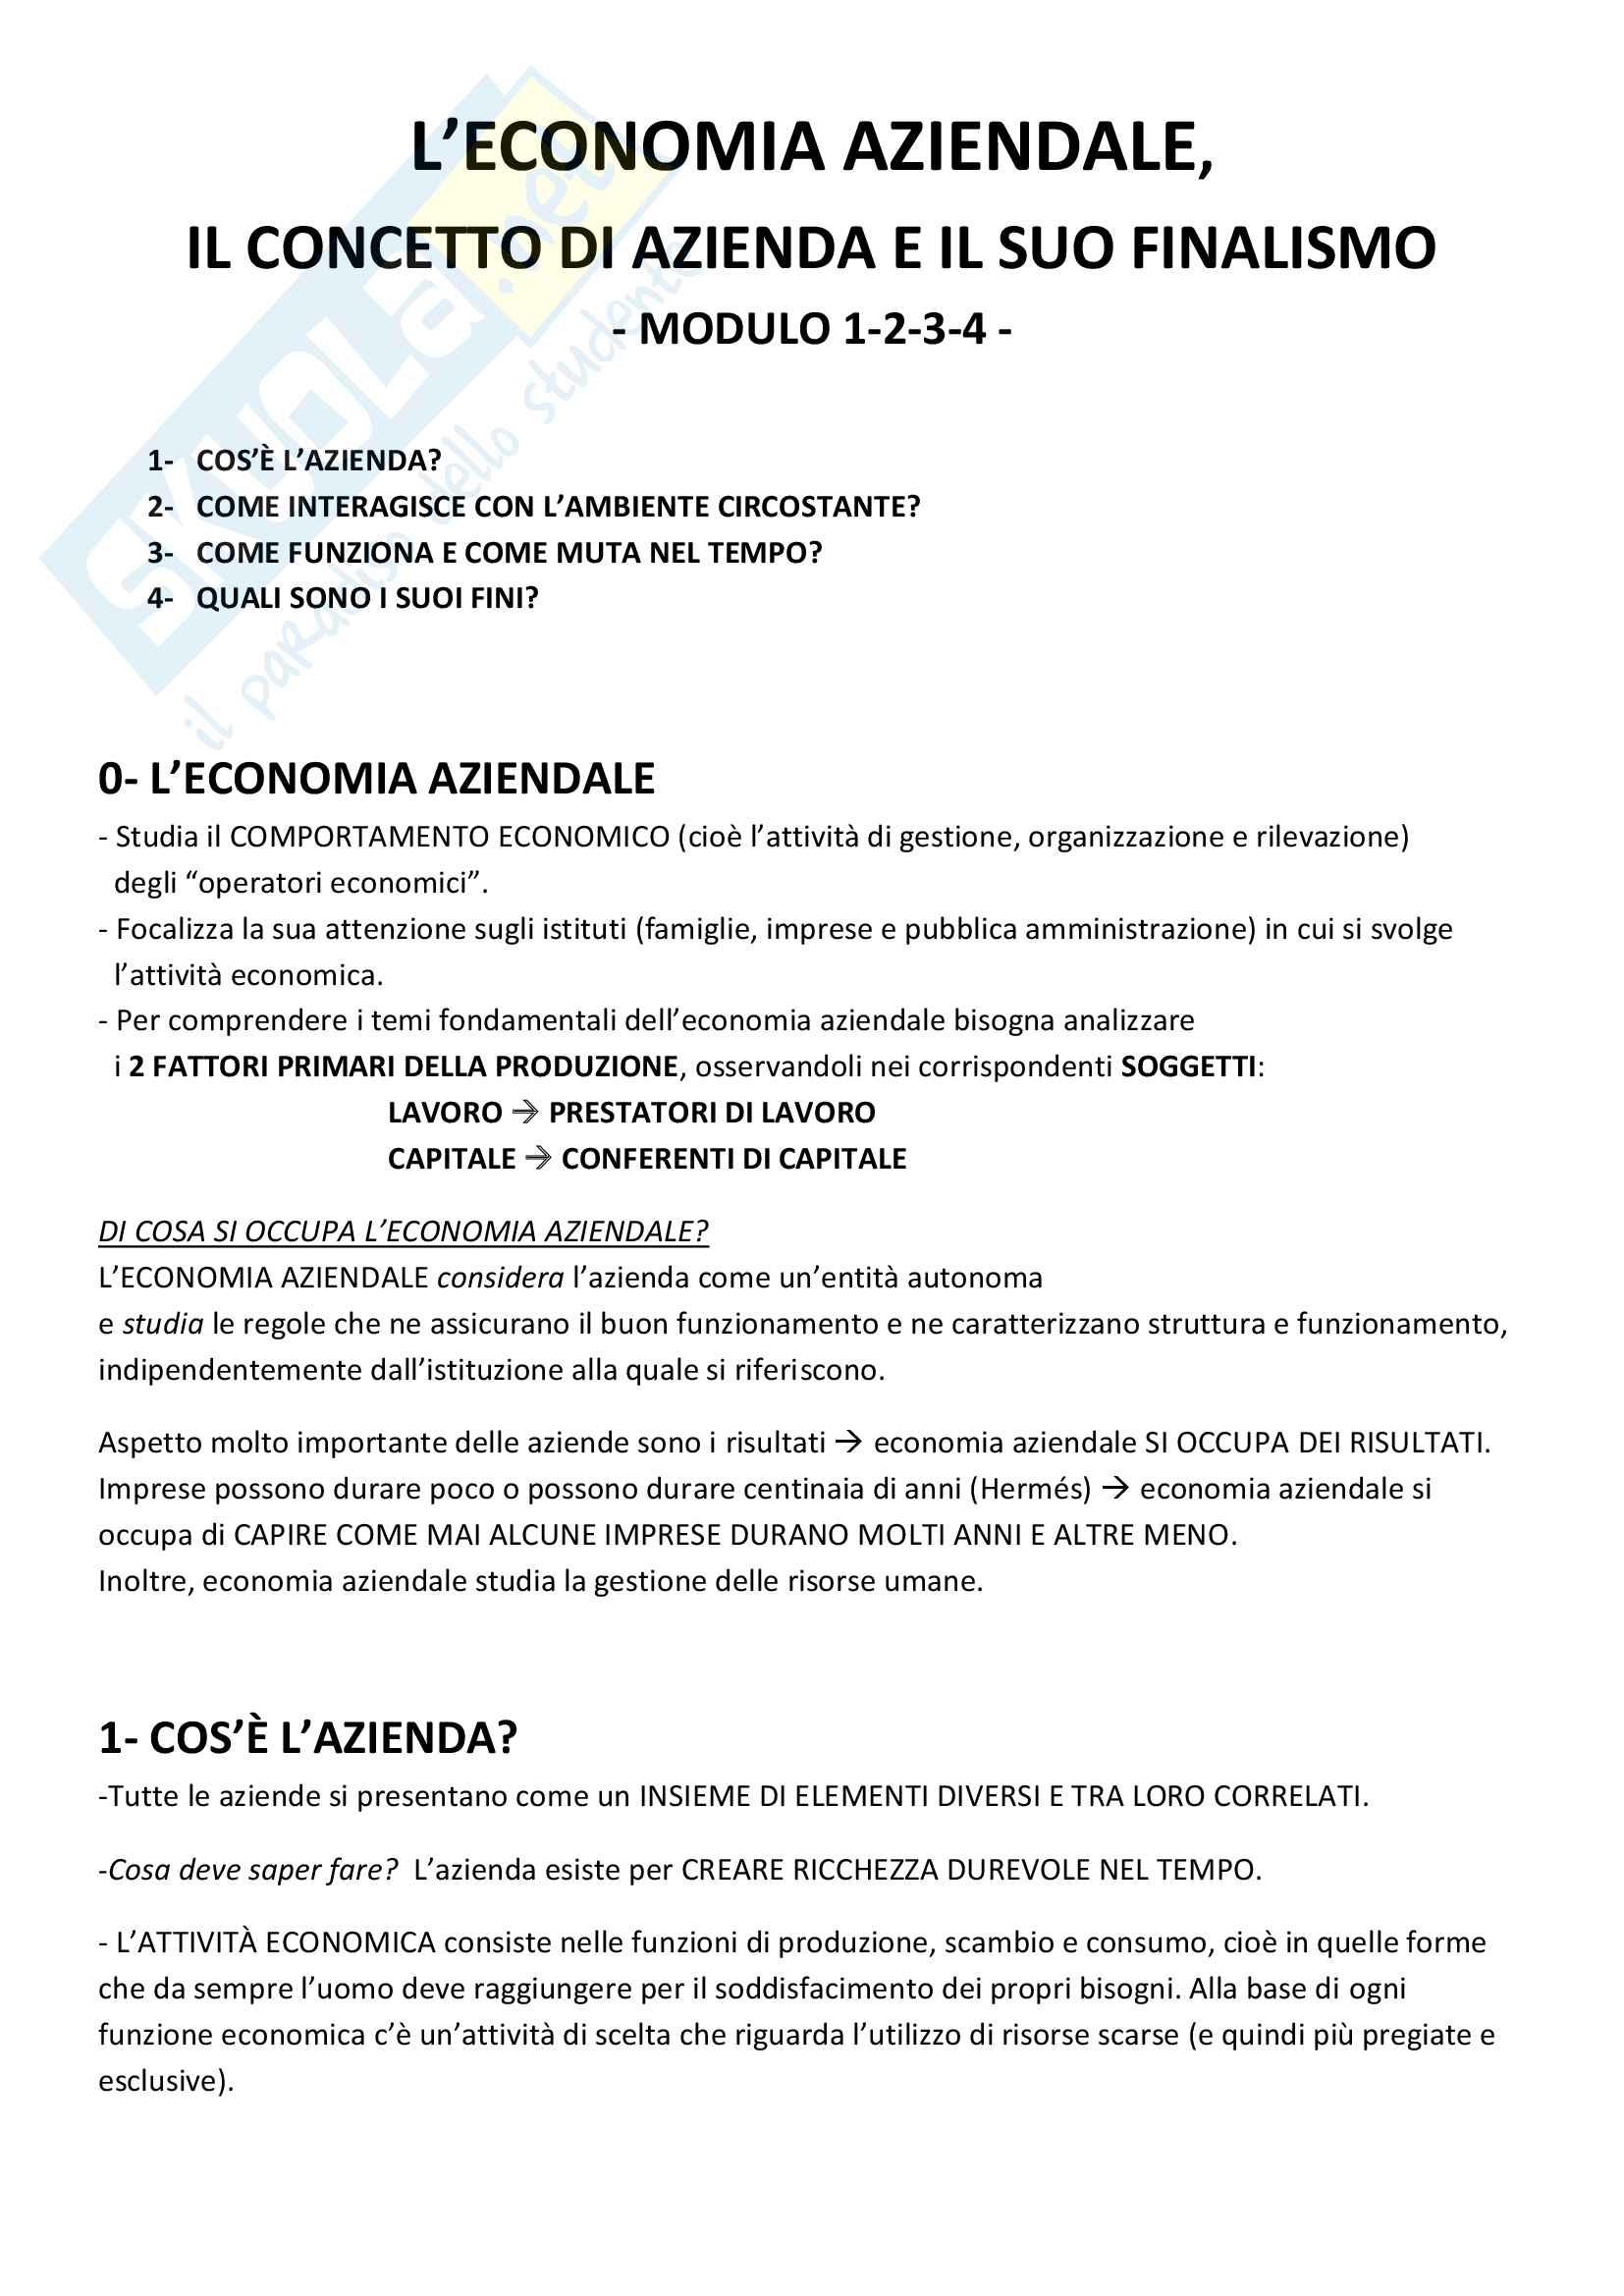 Riassunto per l'esame di Economia Aziendale, Prof. Mazzola, libro consigliato Economia Aziendale (Mc Graw-Hill), Mazzola